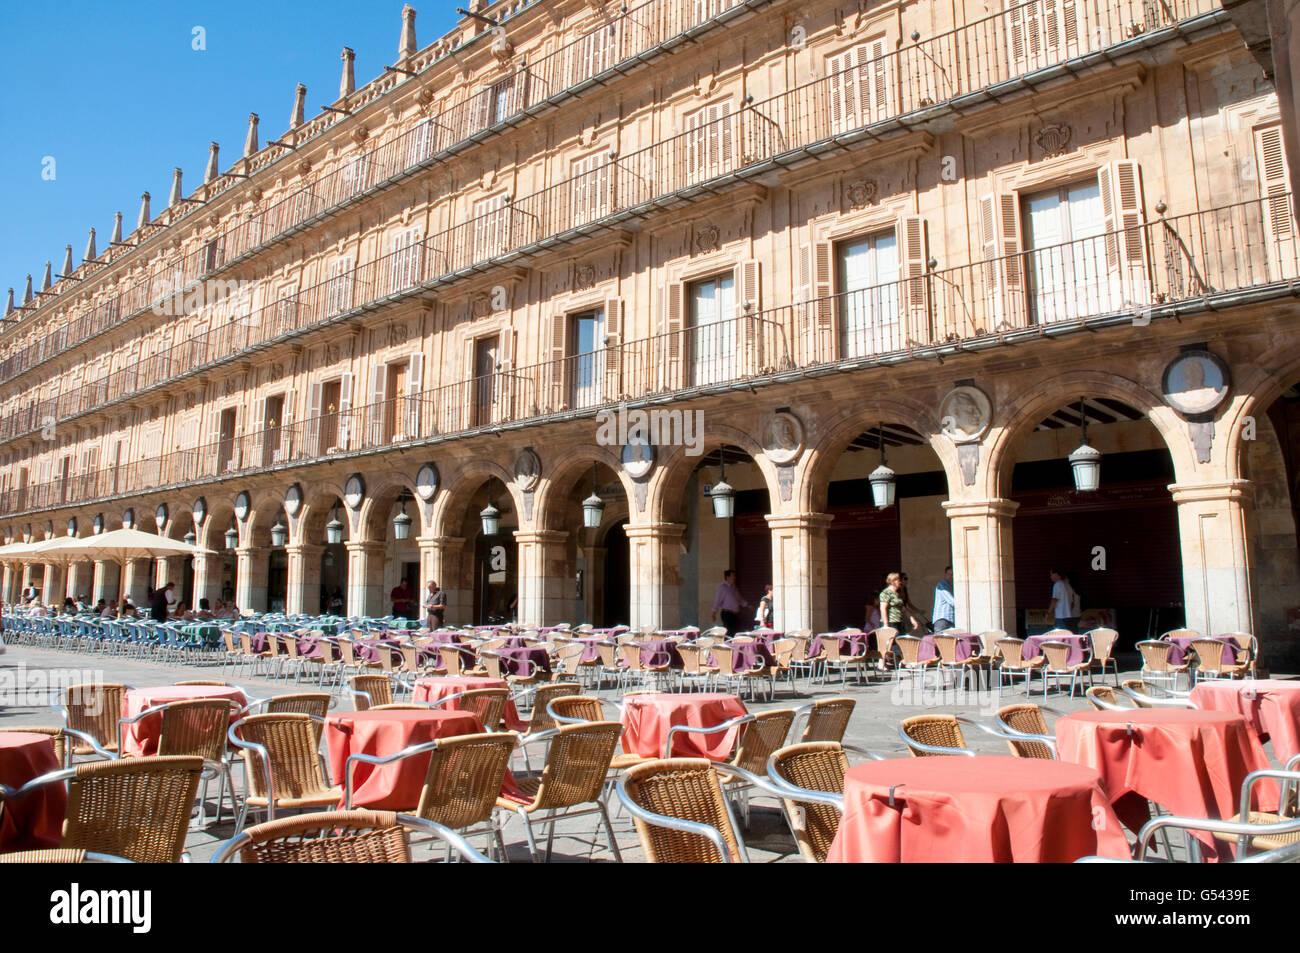 Terraces in the Main Square. Salamanca, Spain. - Stock Image